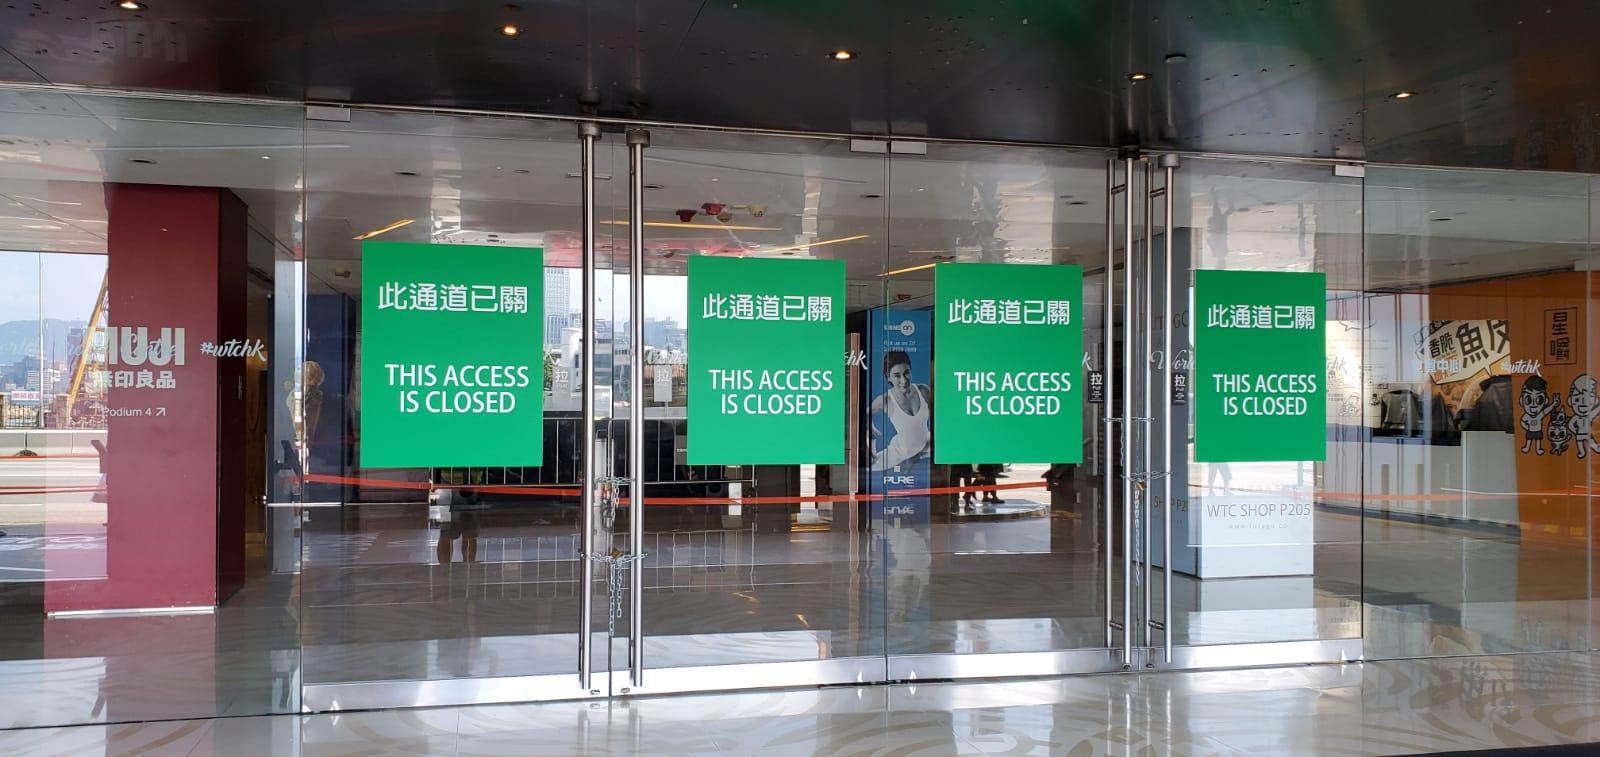 【修例風波】因應公眾活動 銅鑼灣世貿中心今日暫停營業